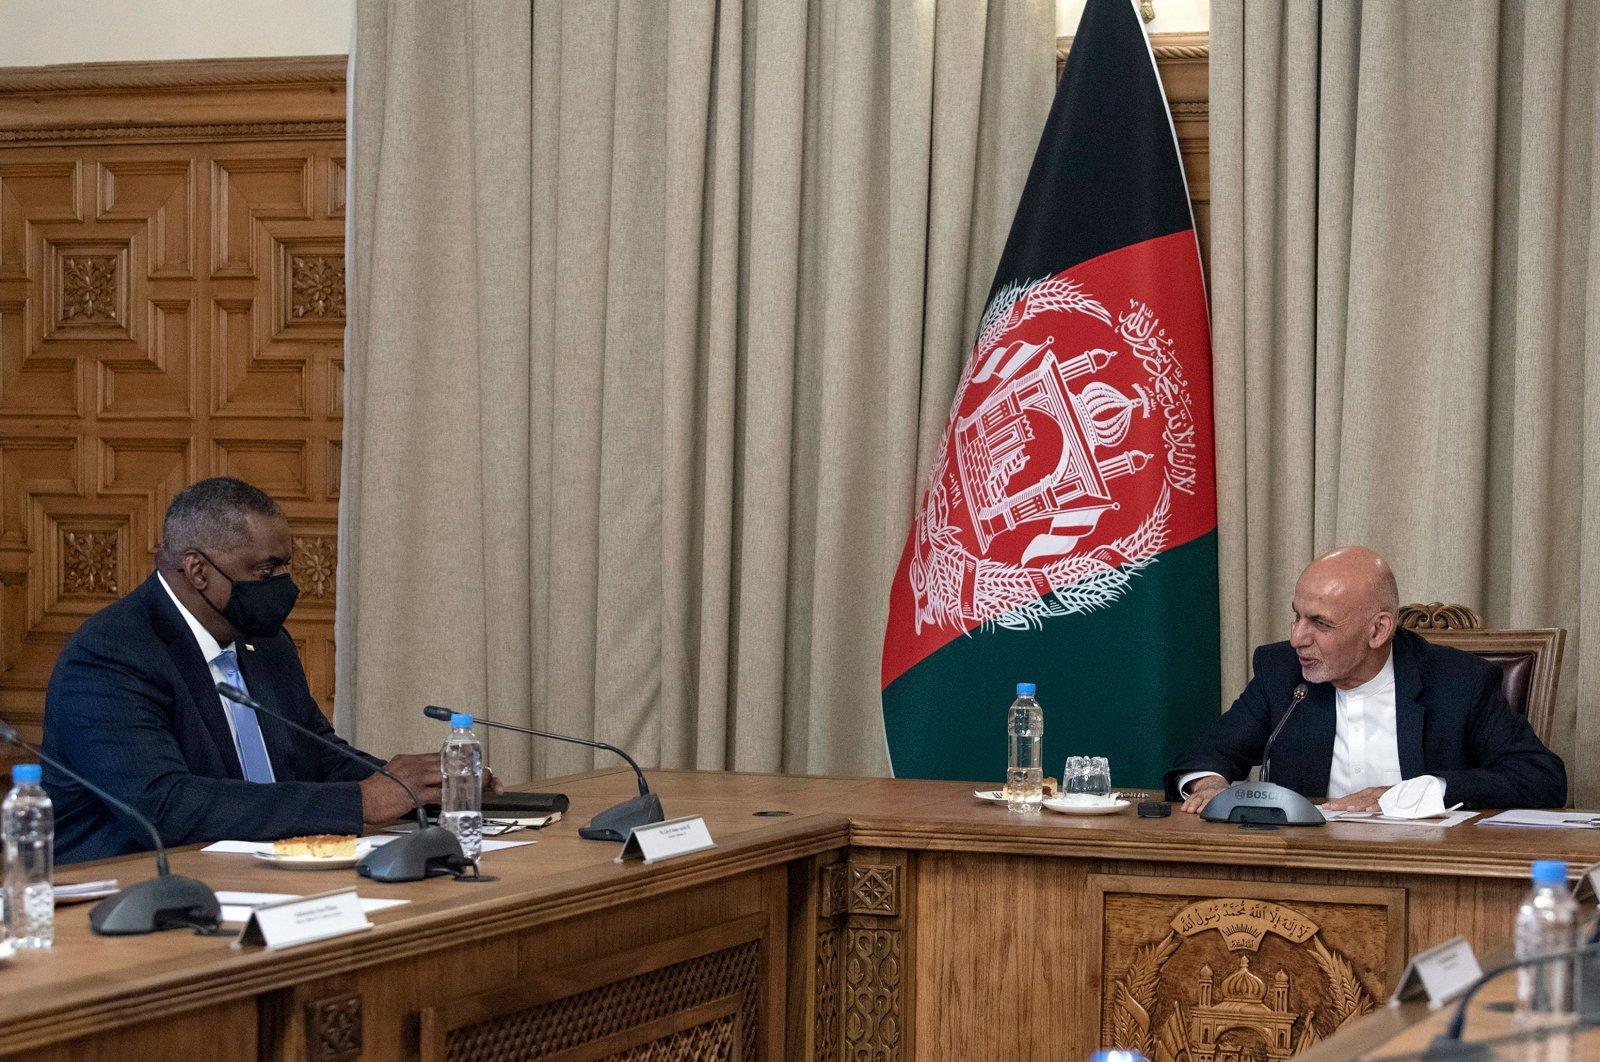 U.S. Secretary of Defense Lloyd J. Austin (L) meets with Afghan President Ashraf Ghani, in Kabul, Afghanistan, March 21, 2021. (AFP Photo)